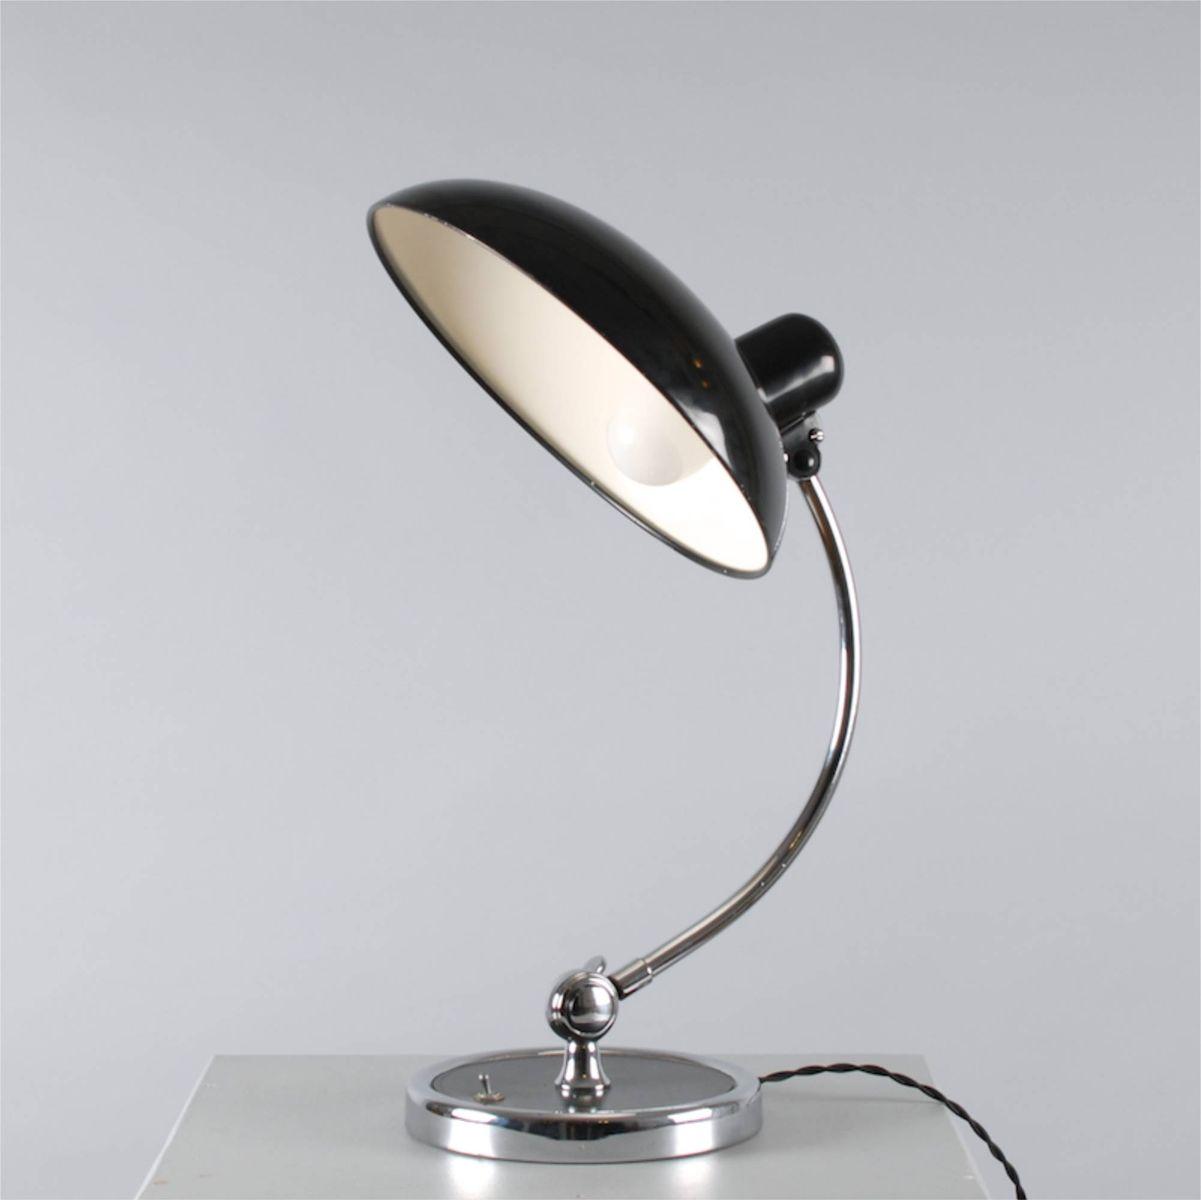 vintage chrome and black president desk lamp by christian dell for  - vintage chrome and black president desk lamp by christian dell for kaiseridell